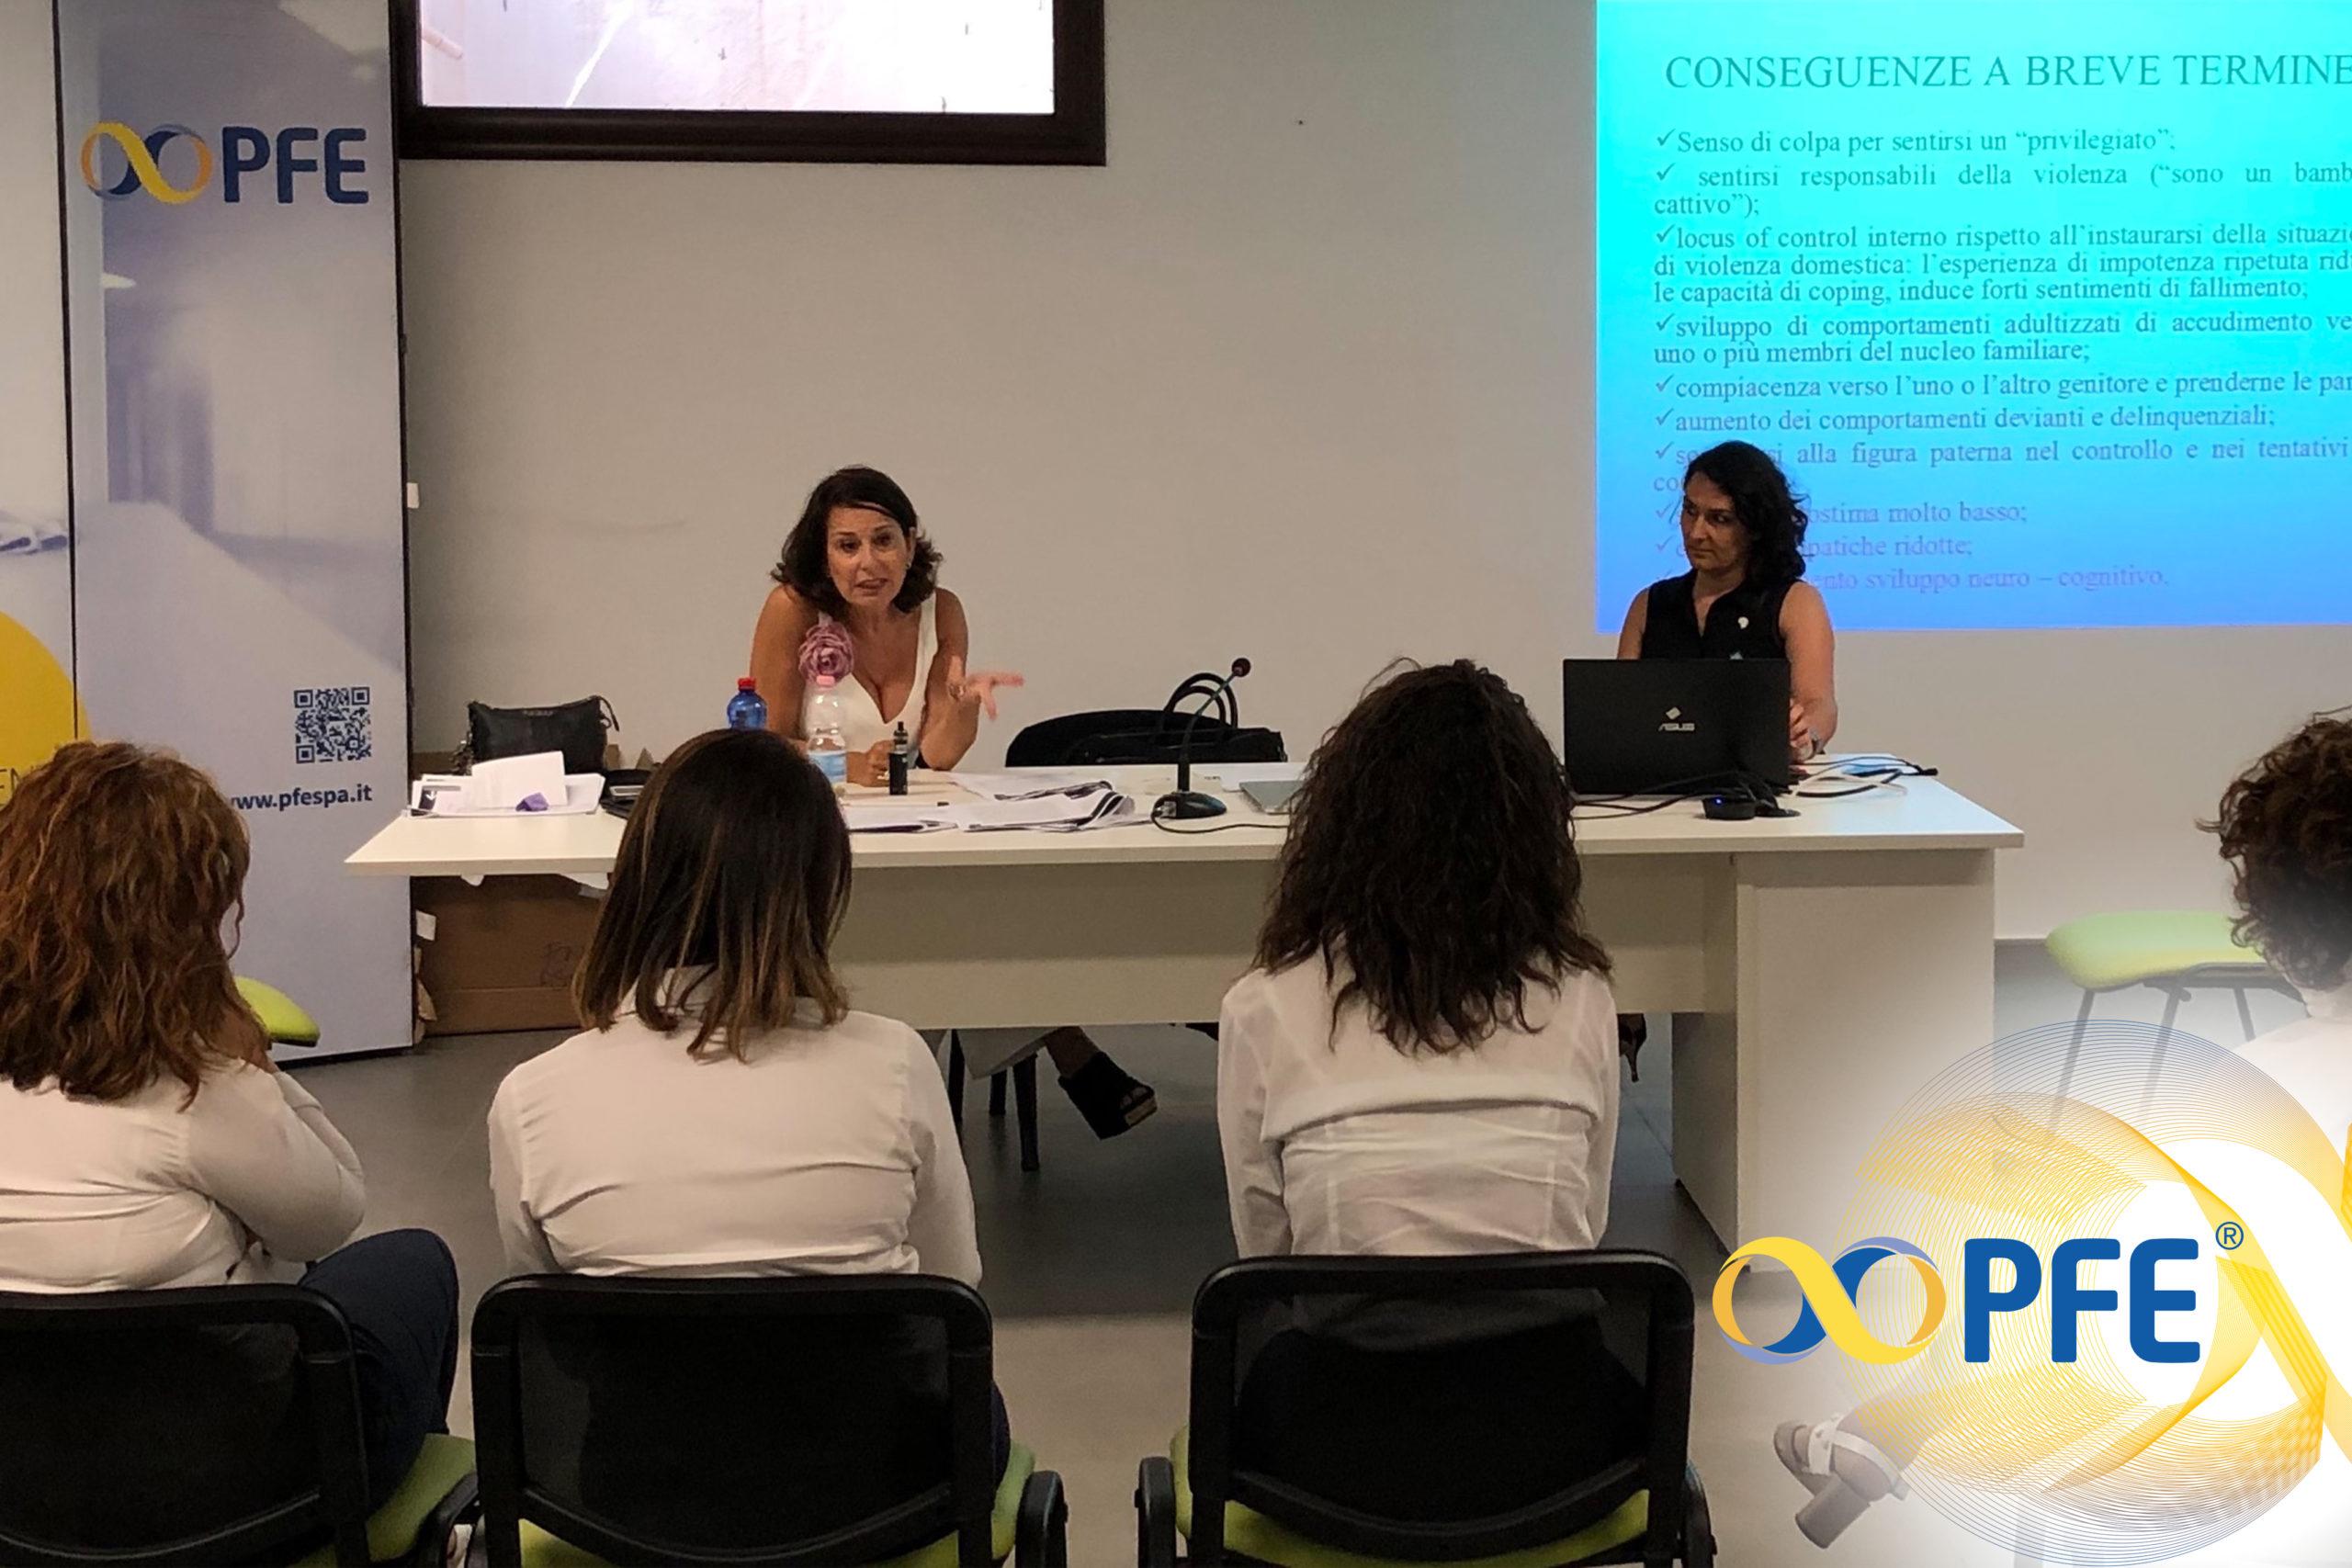 #PFEWelfare: una partnership concreta e di valore con Telefono Rosa per la formazione aziendale